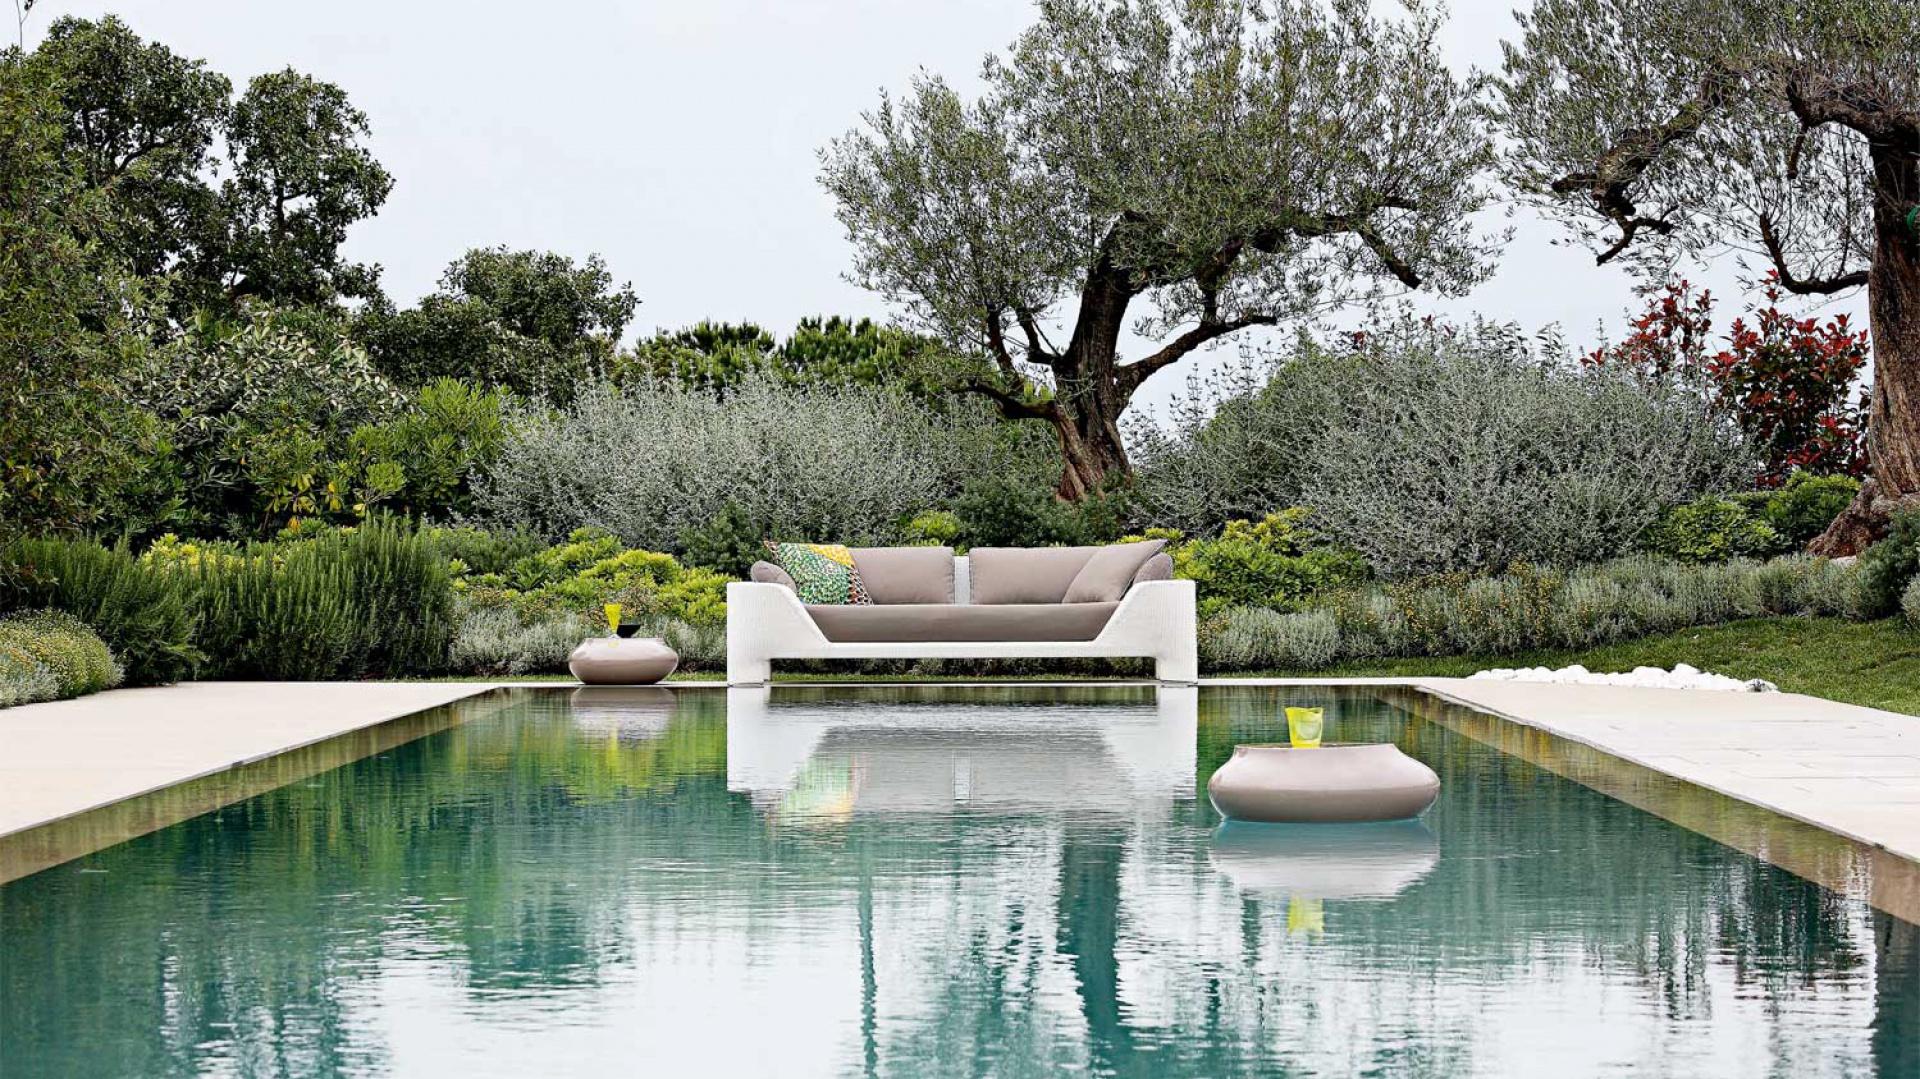 Piękny ogród w otoczeniu...  Woda w ogrodzie - ciekawe pomysły na aranżację  Strona: 9